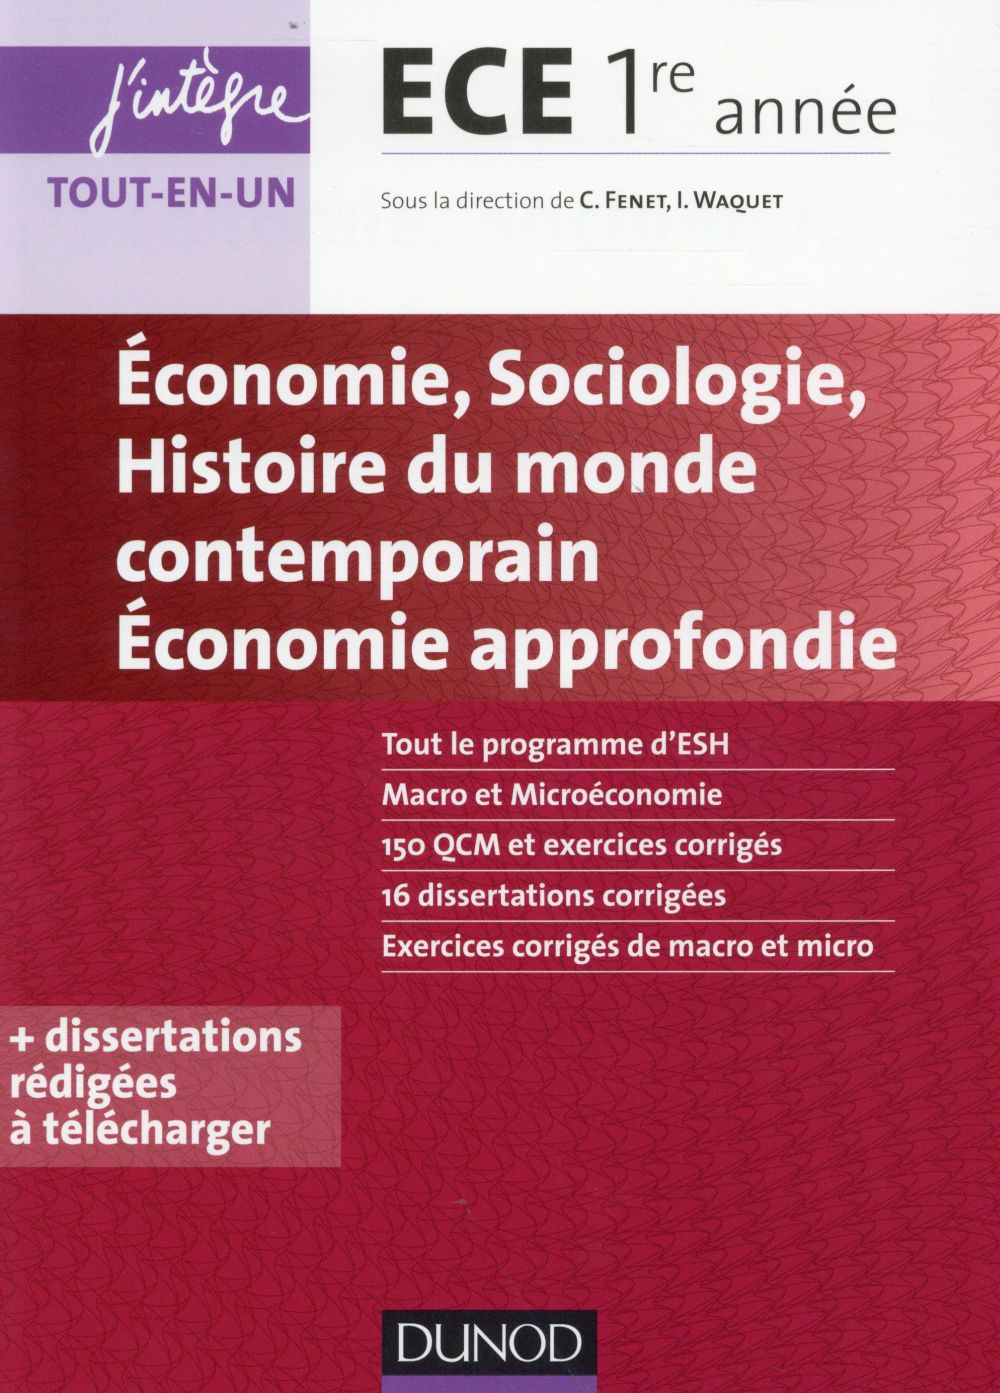 Economie ; Sociologie ; Histoire Des Societes Contemporaines ; Economie Approfondie ; Ece 1